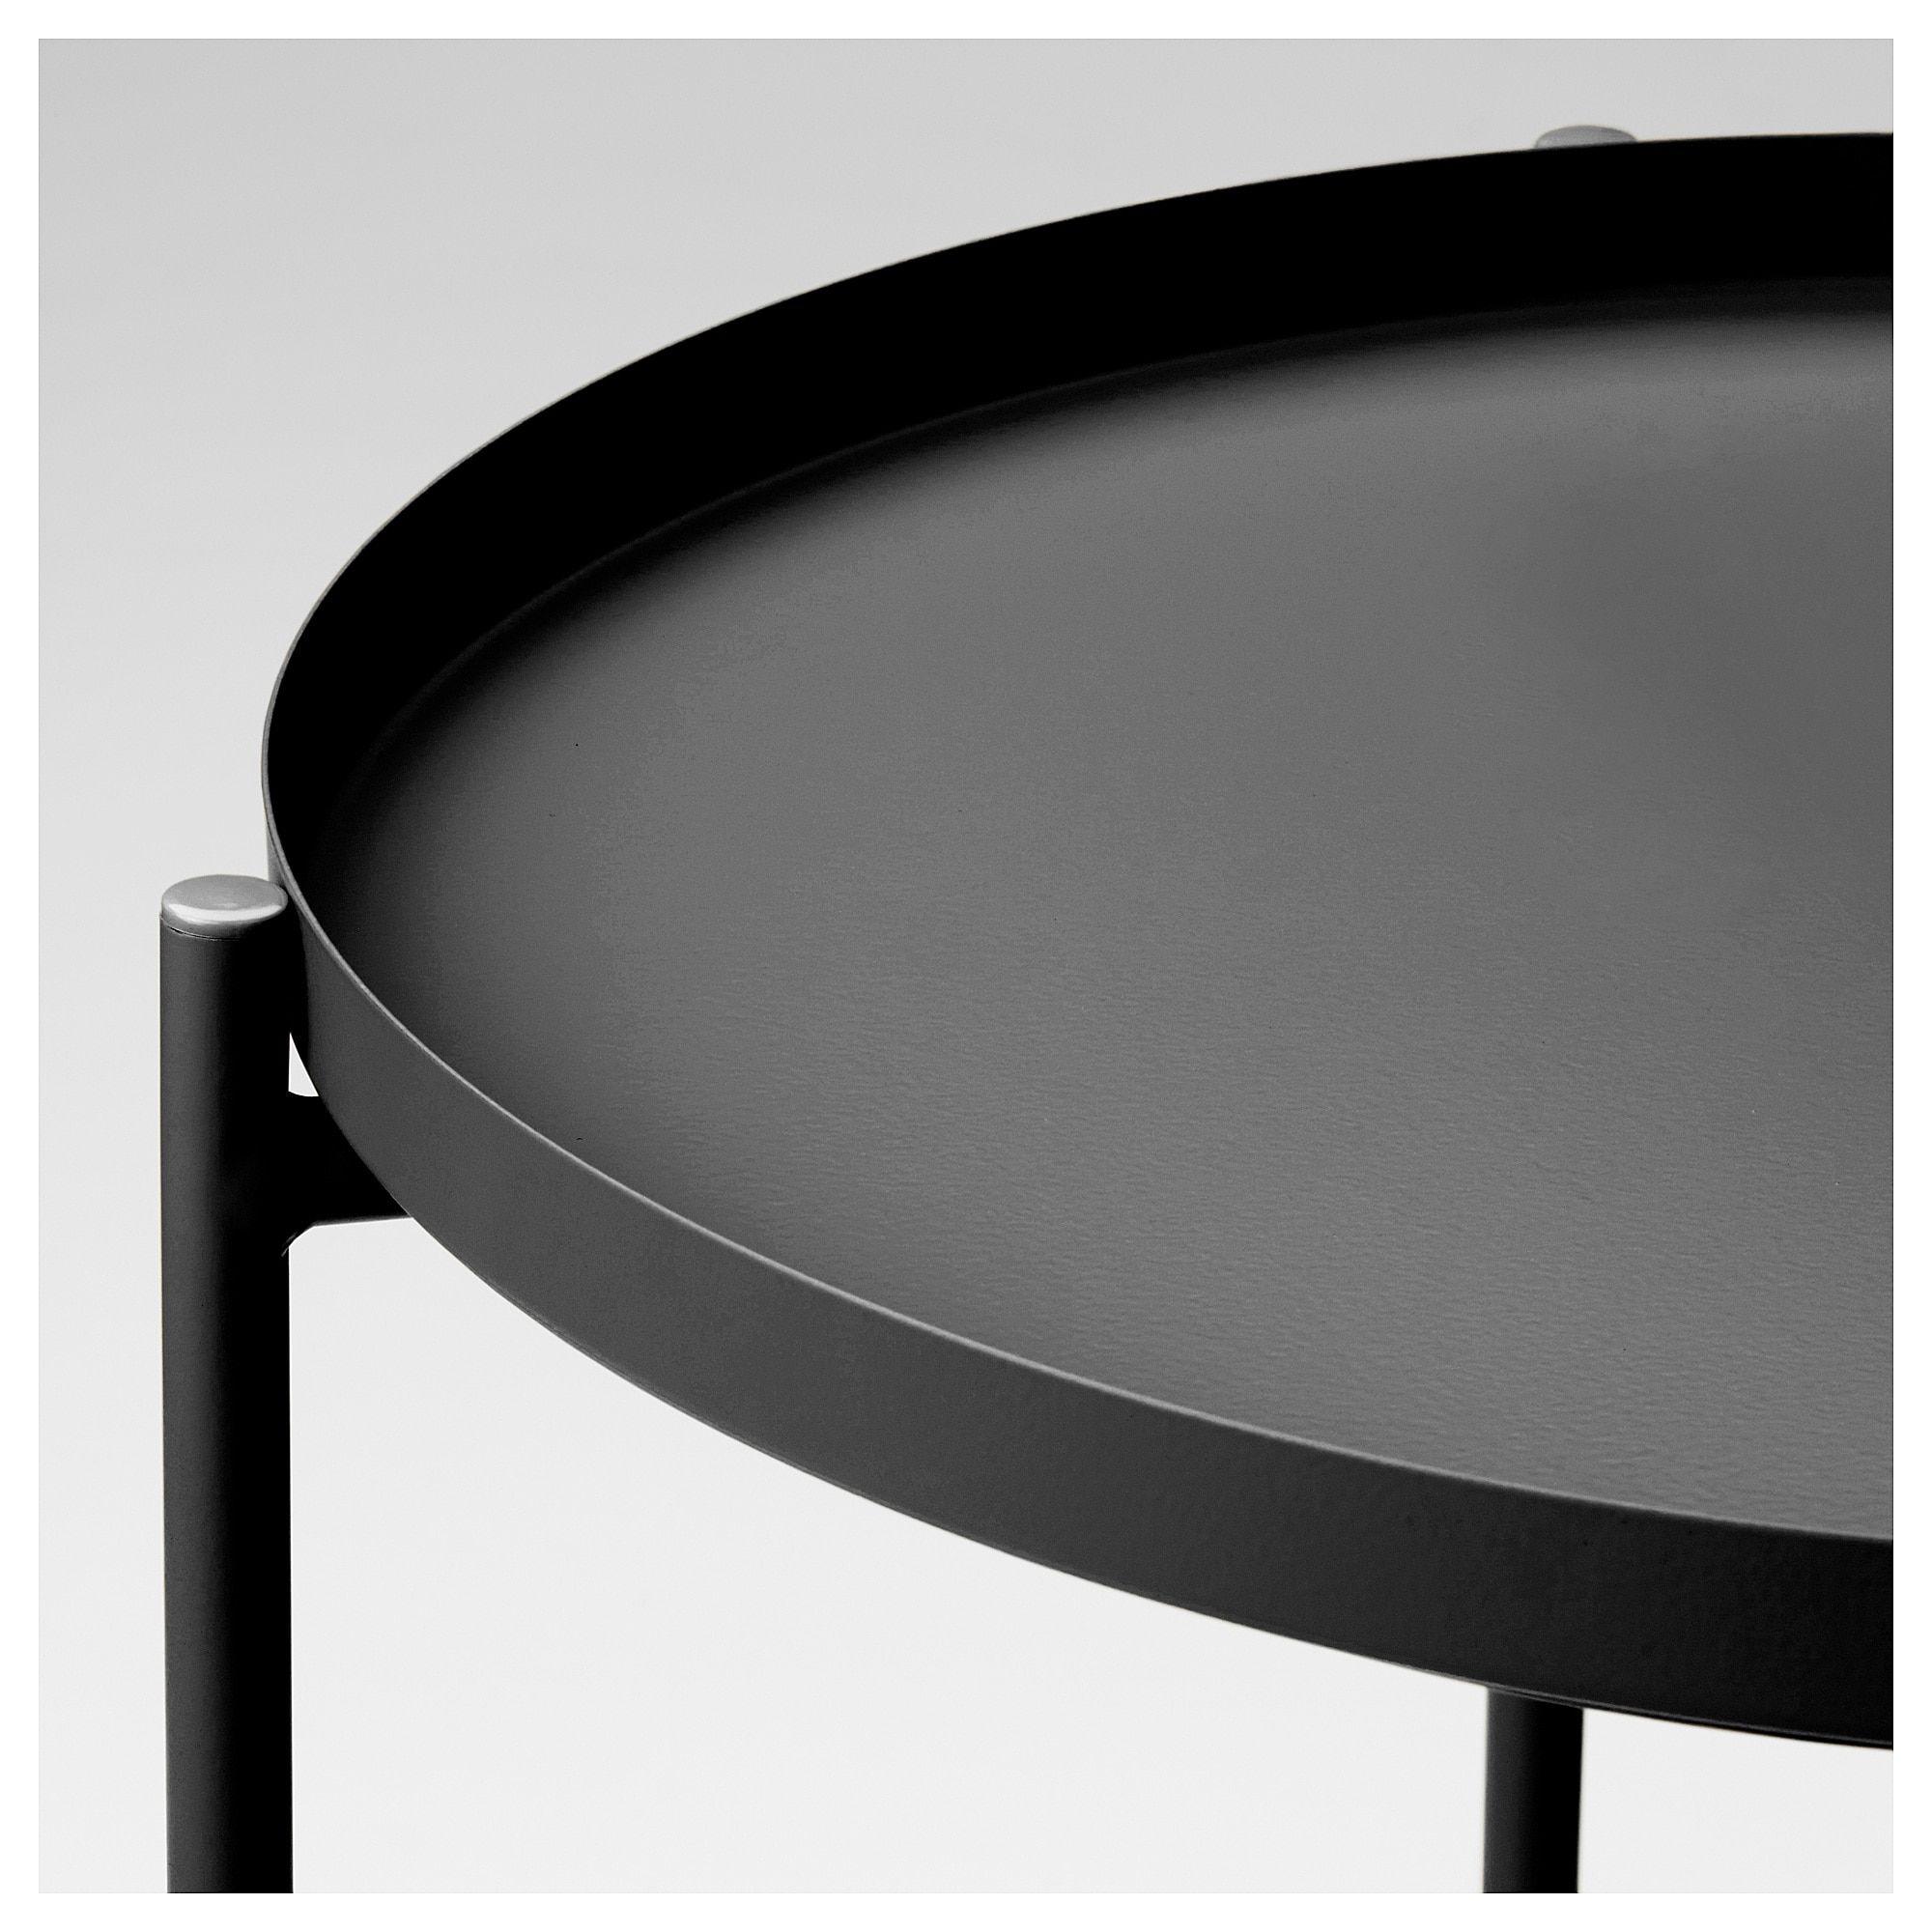 Ikea Gladom Tray Table Black Ikea Tray Table Round Black